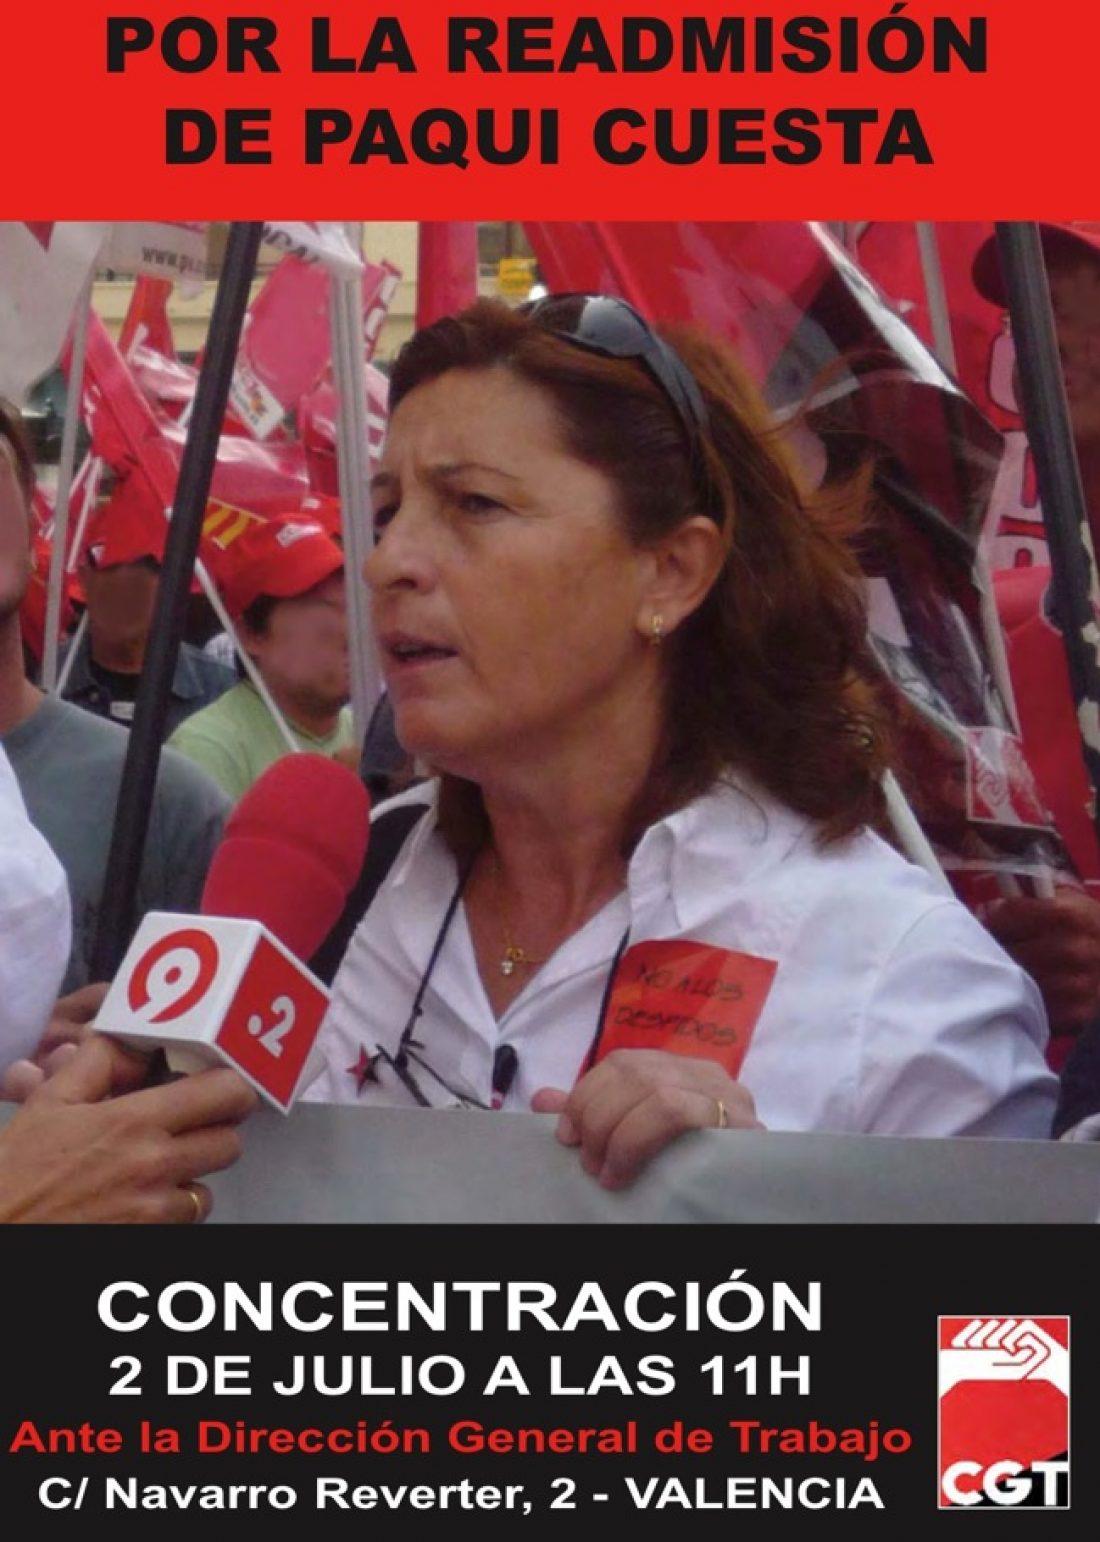 2 de julio, Valencia: Concentración por la readmisión de Paqui Cuesta